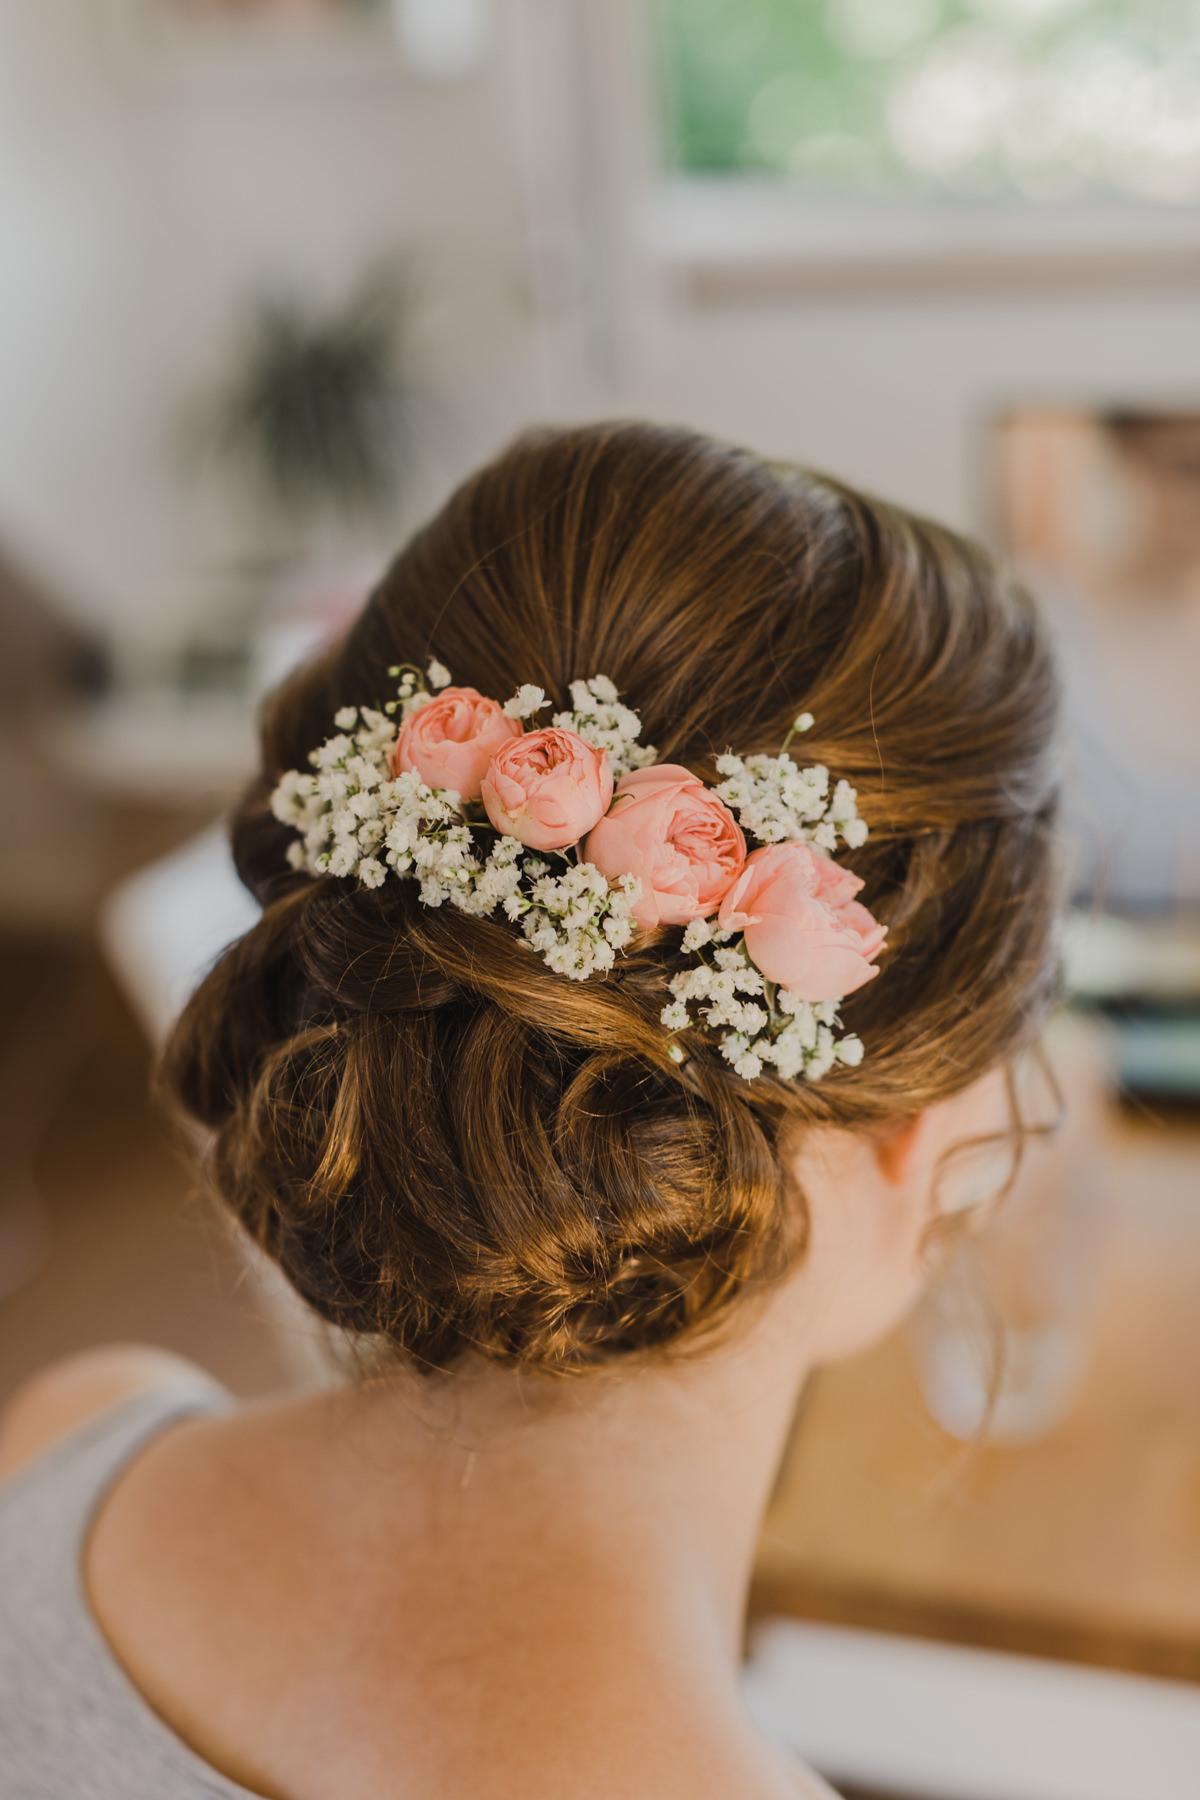 Frisur Hochzeit hochgesteckt, Brautfrisur Hochzeit